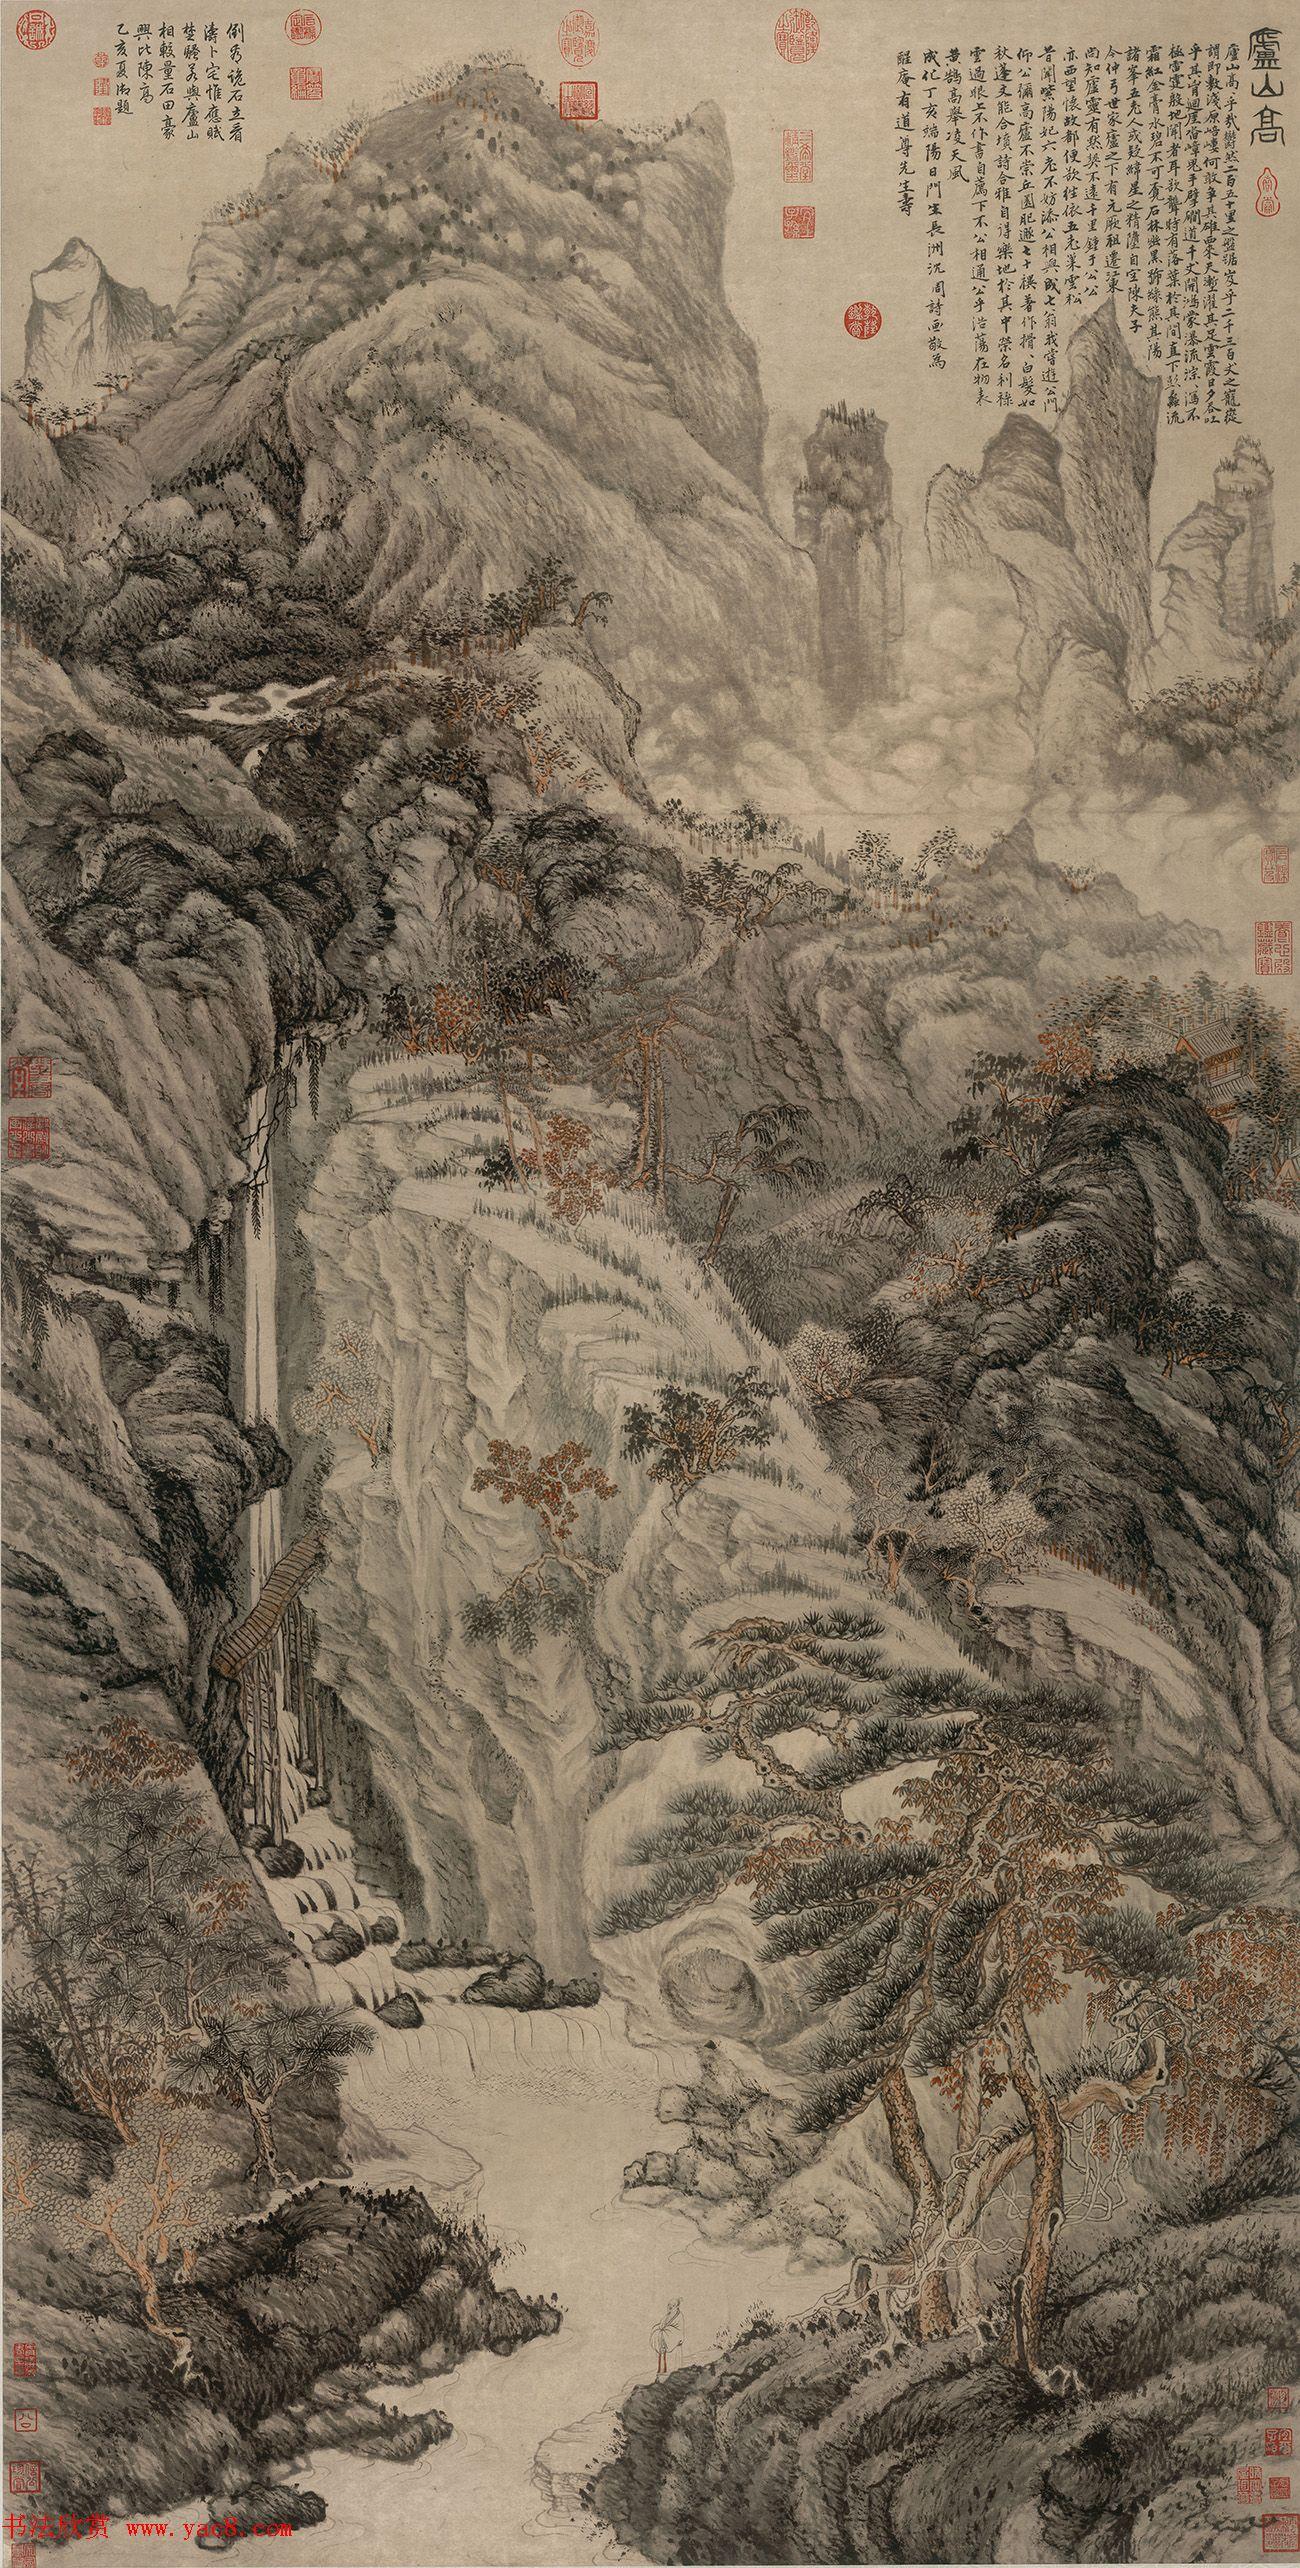 明代沈周书画欣赏《庐山高图》